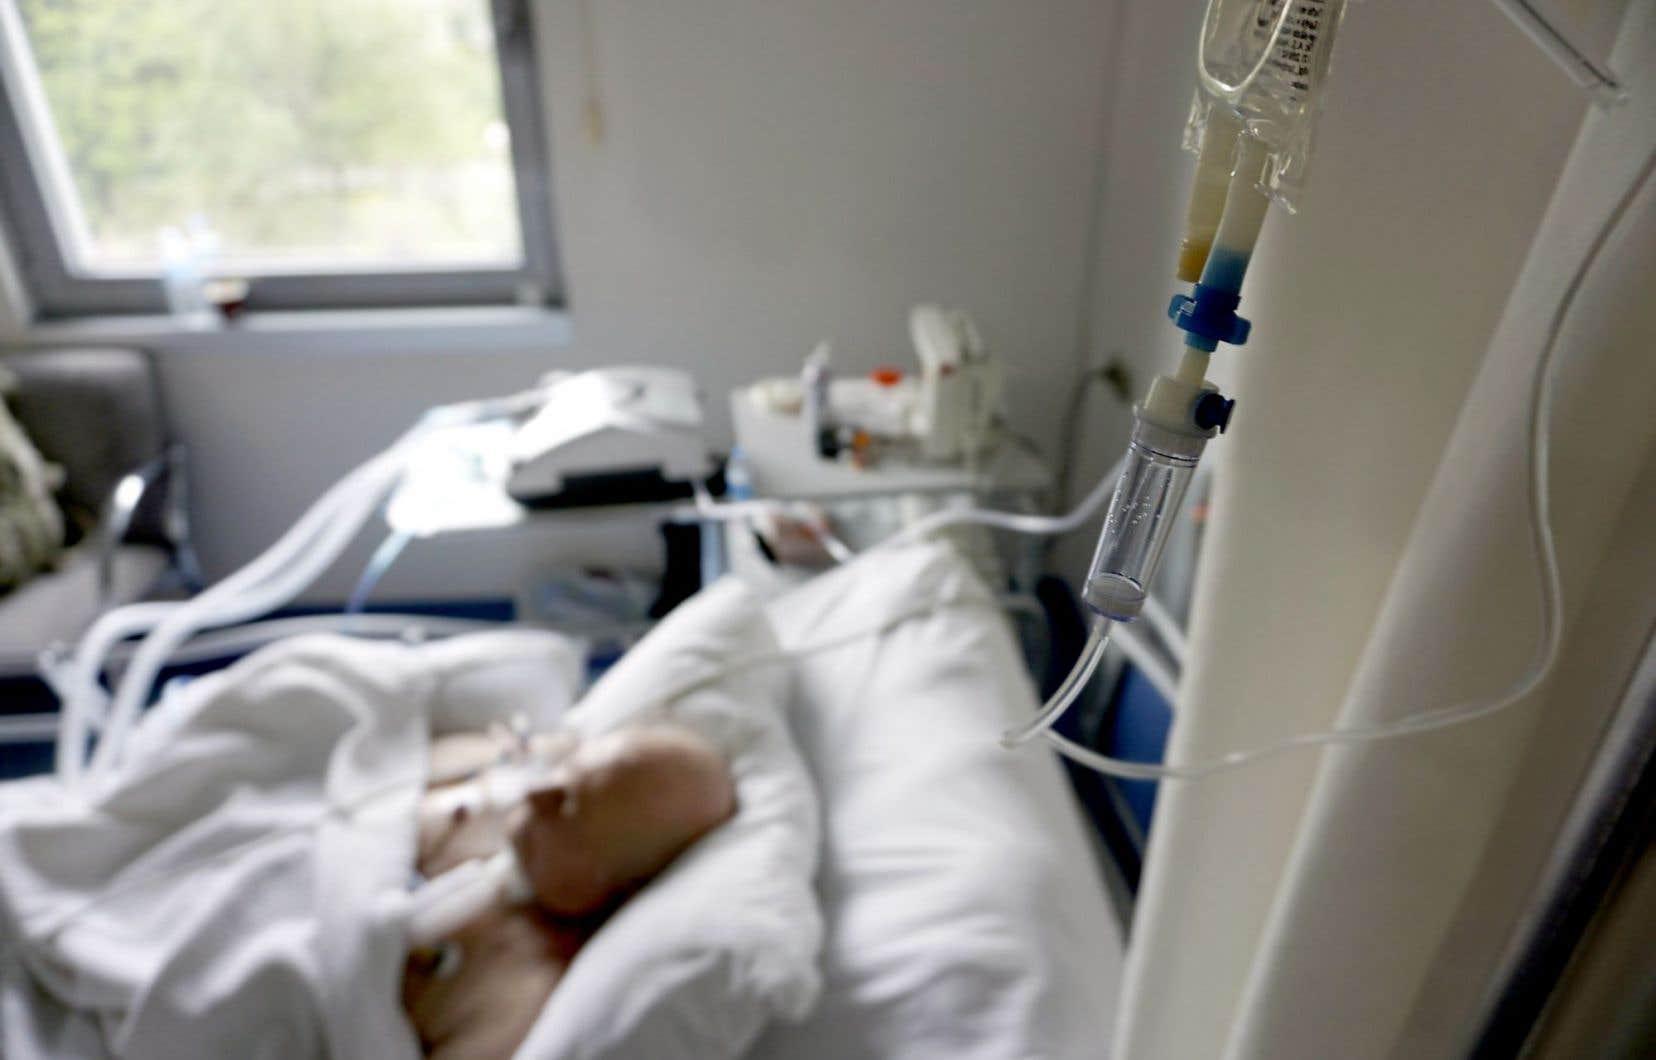 Plusieurs Canadiens vivant dans des régions desservies par des hôpitaux catholiques, mais financés par des fonds publics, pourraient se voir nier l'accès à l'aide à mourir.